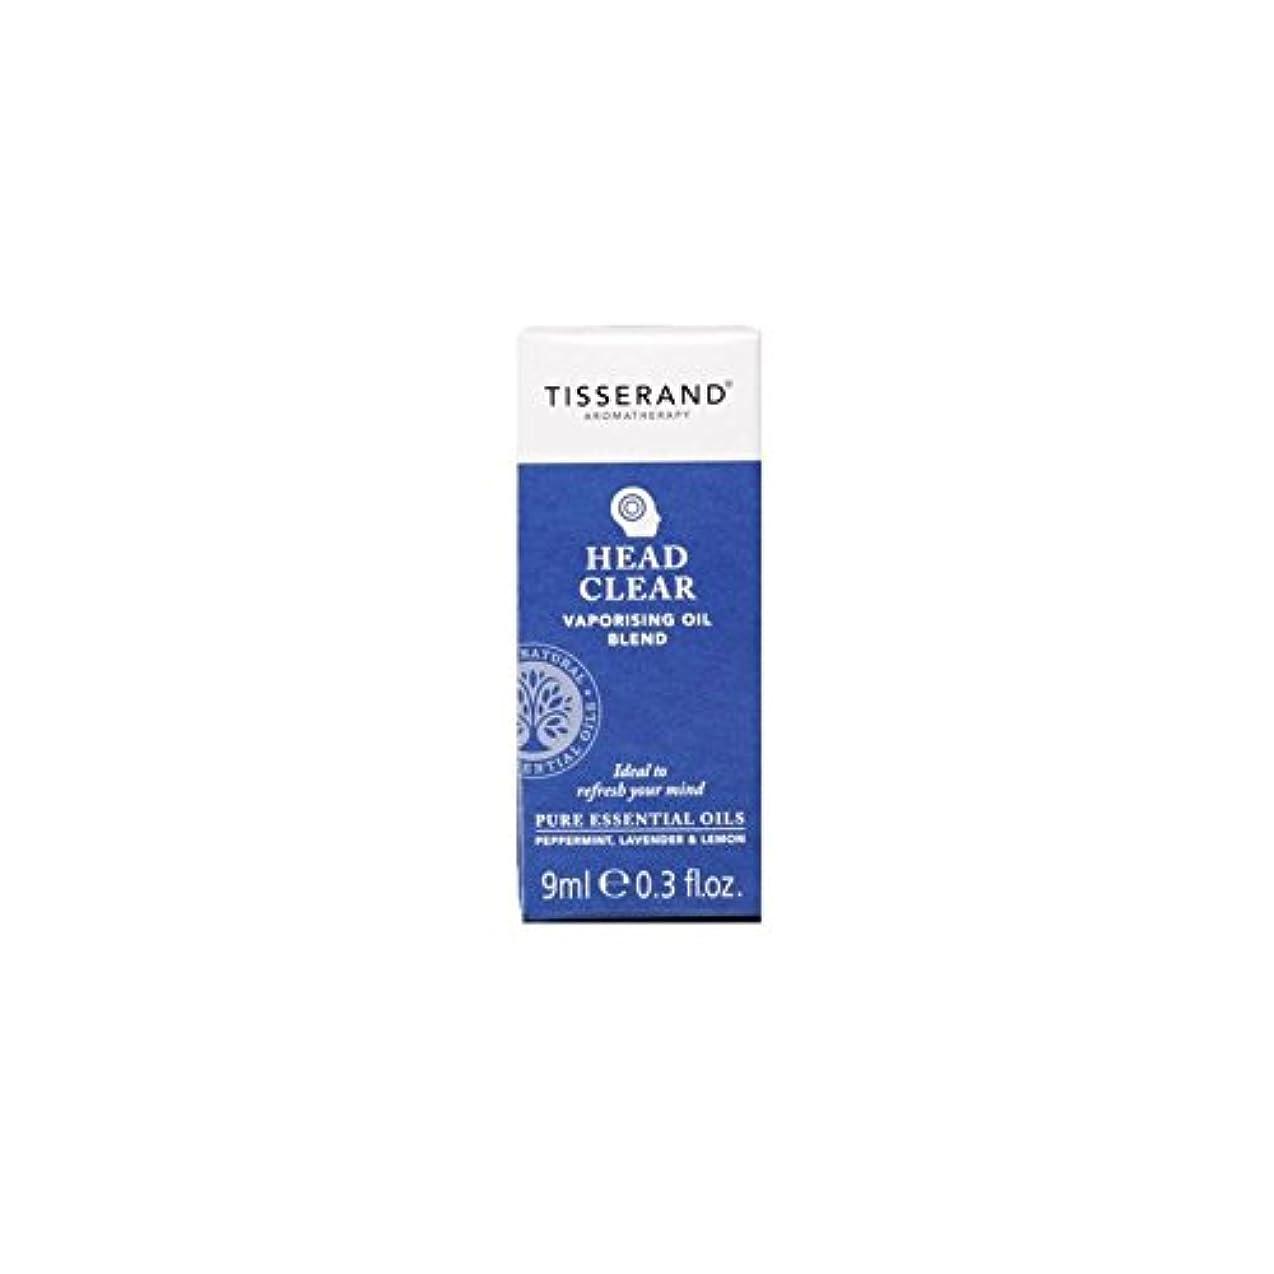 疑問に思うシェトランド諸島パイプヘッド明確な気化油の9ミリリットル (Tisserand) (x 2) - Tisserand Head Clear Vaporising Oil 9ml (Pack of 2) [並行輸入品]